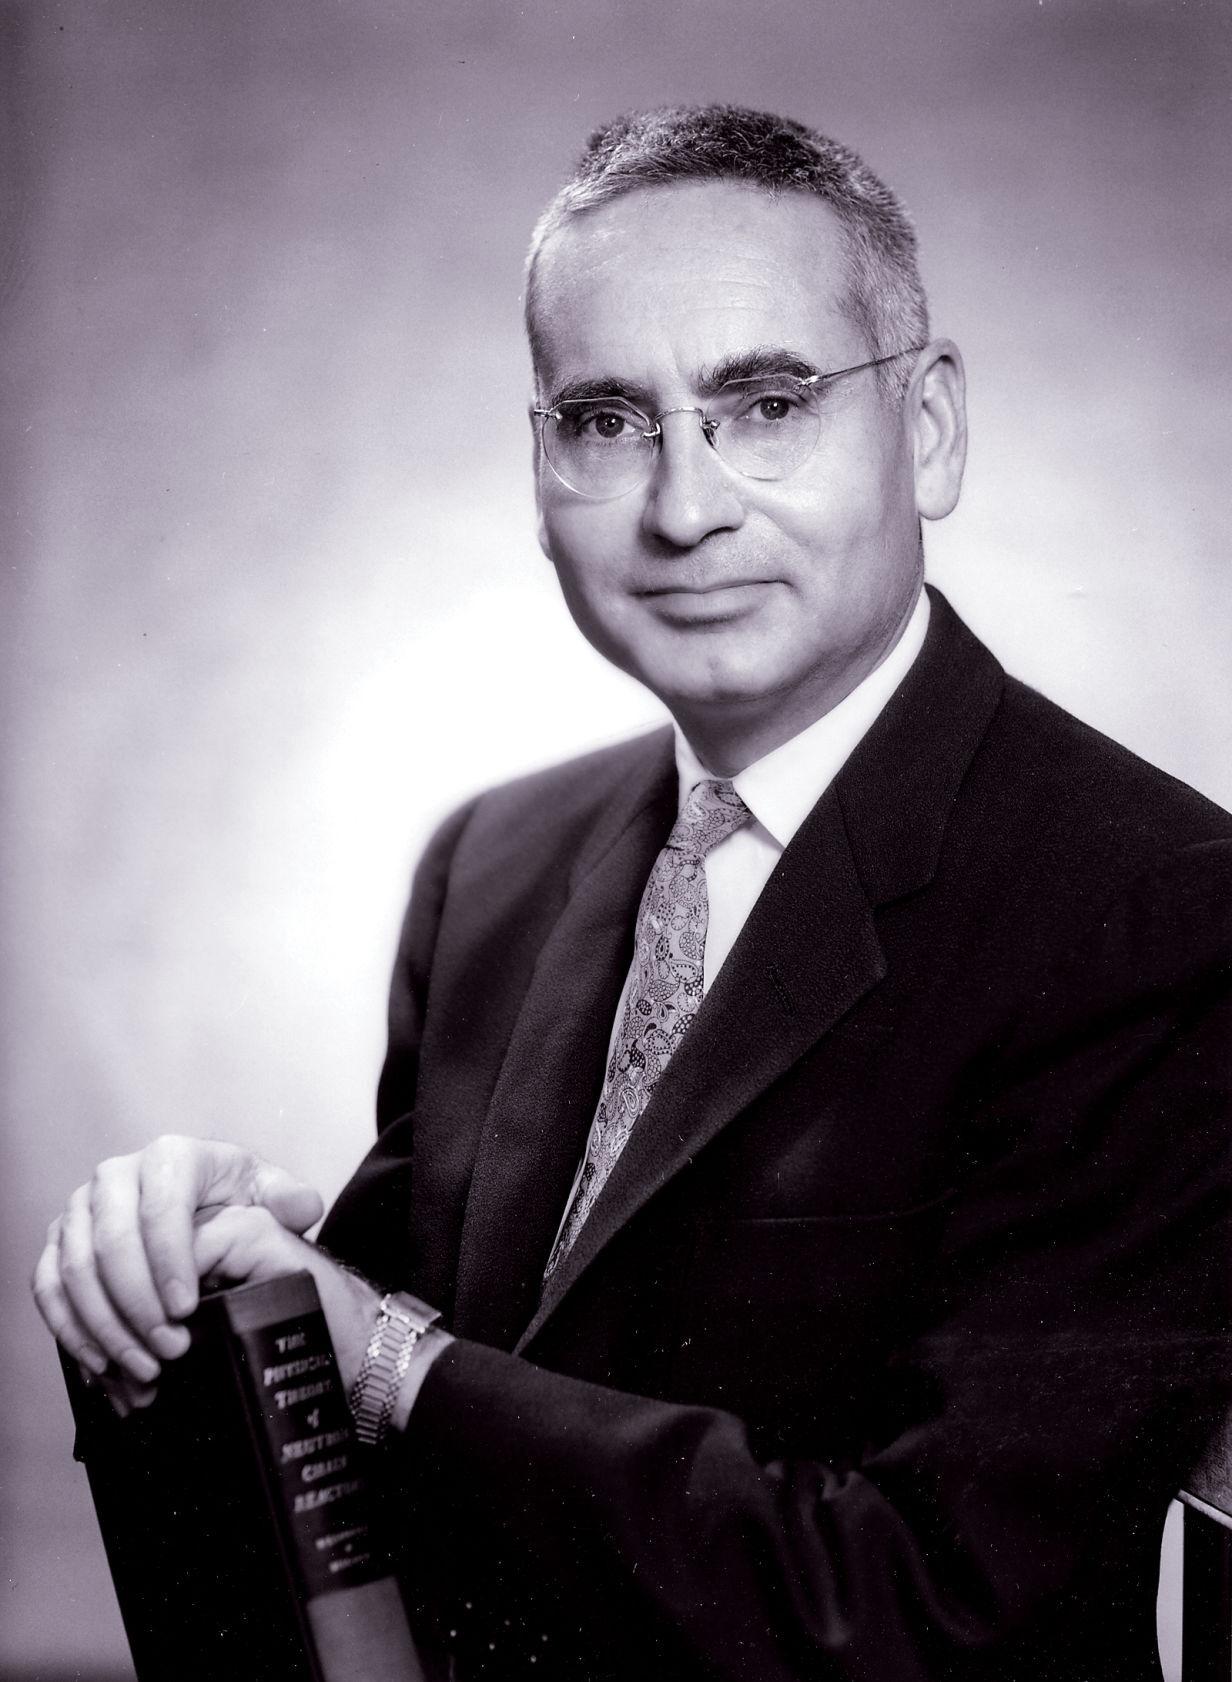 Alvin Weinberg